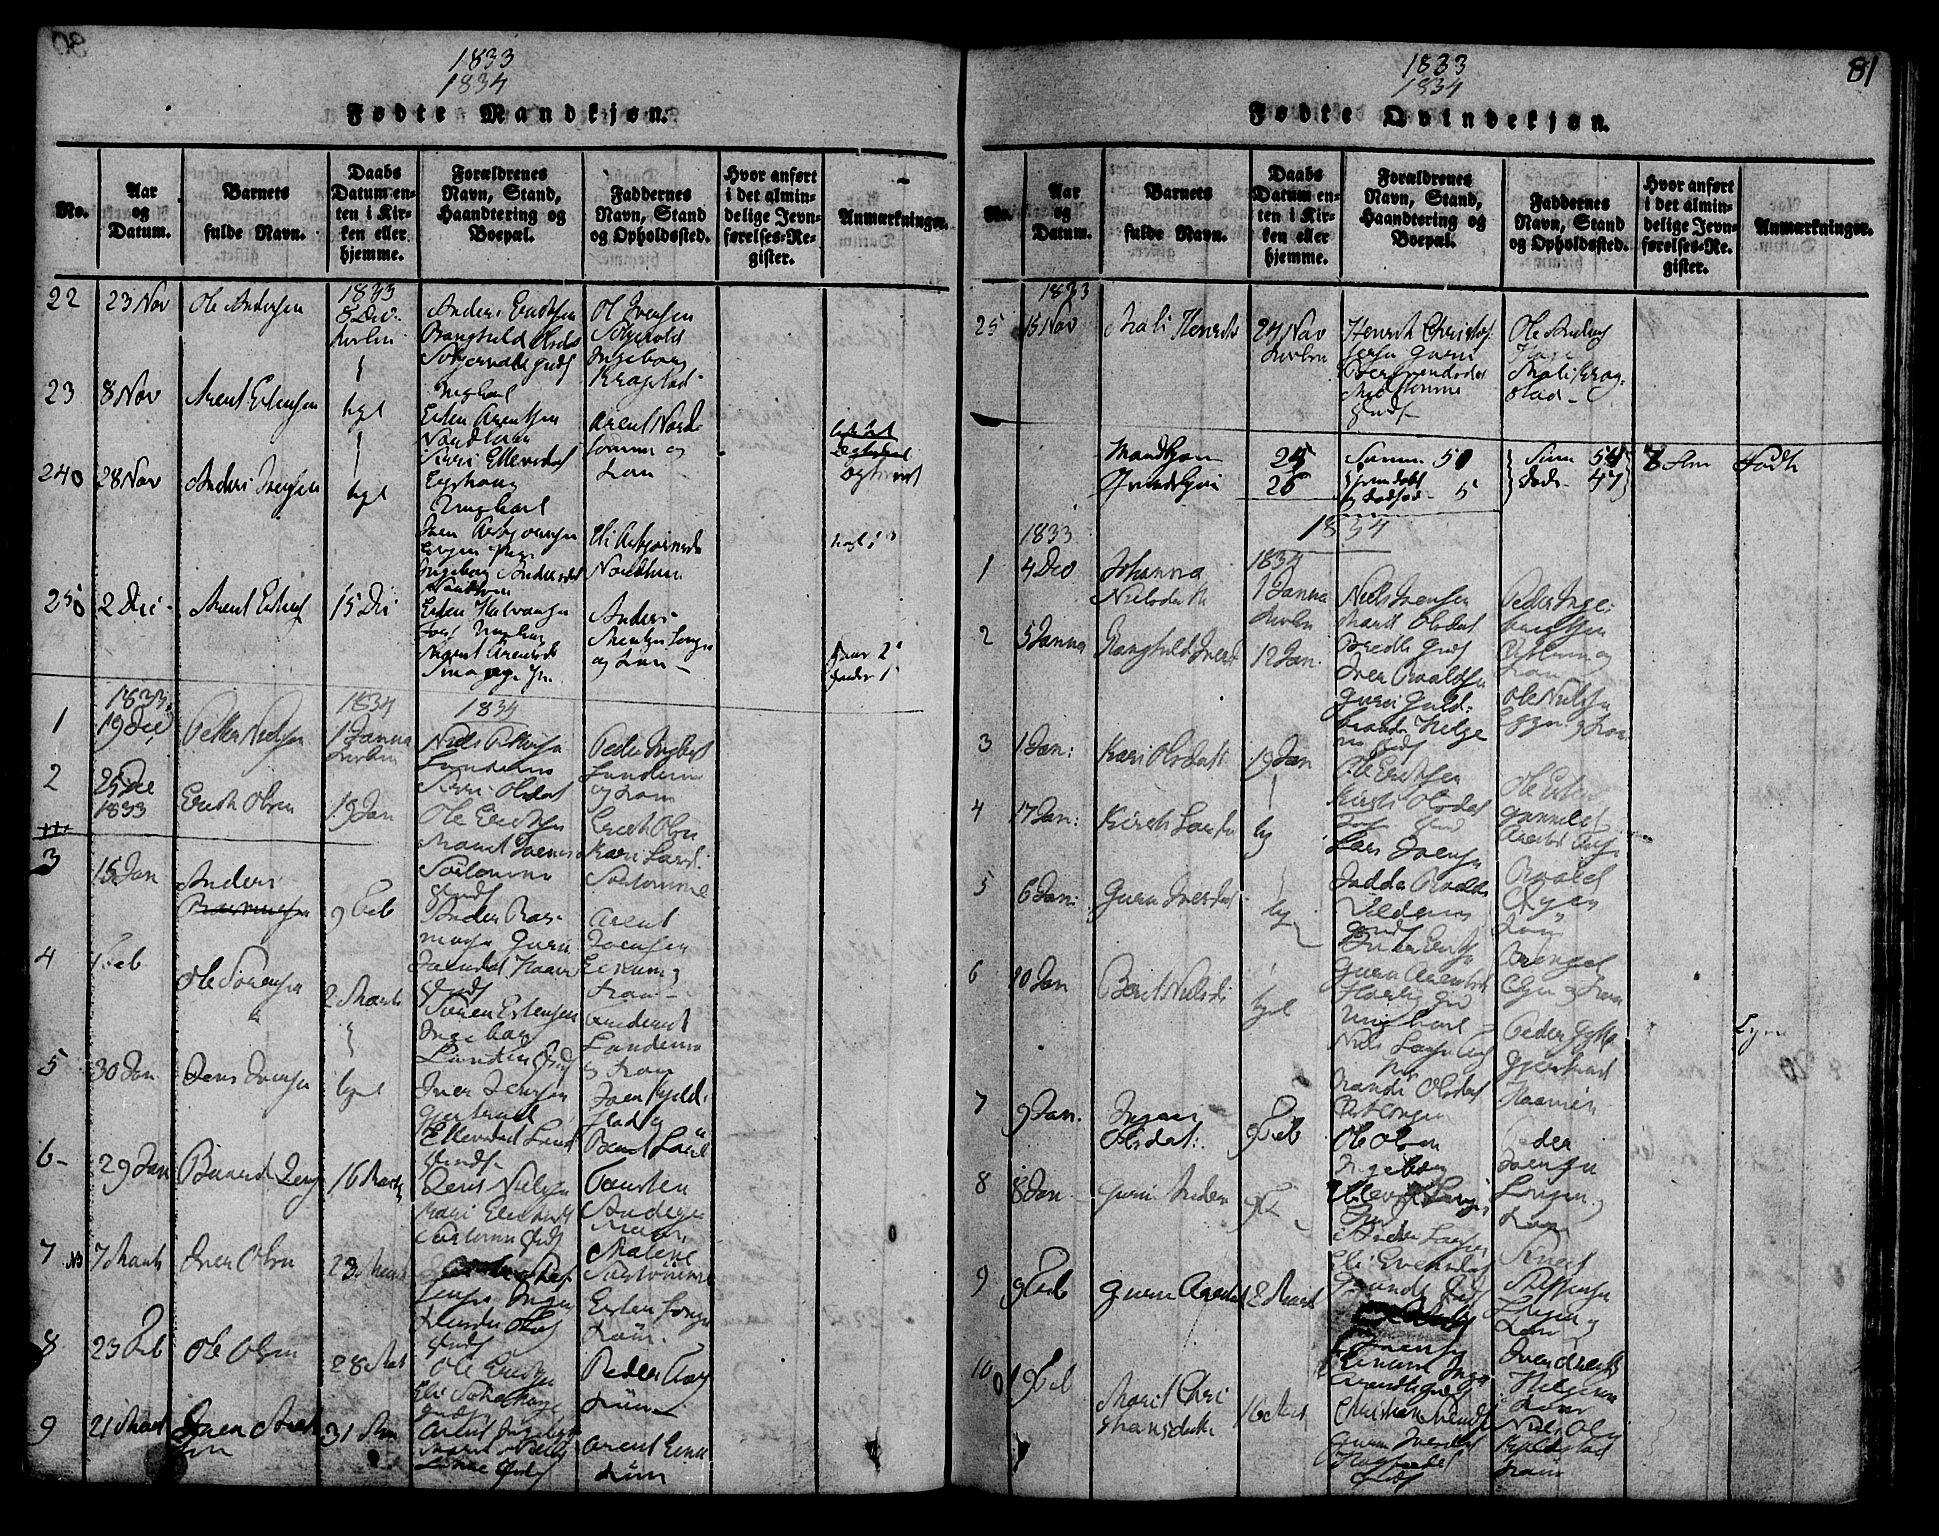 SAT, Ministerialprotokoller, klokkerbøker og fødselsregistre - Sør-Trøndelag, 692/L1102: Ministerialbok nr. 692A02, 1816-1842, s. 81